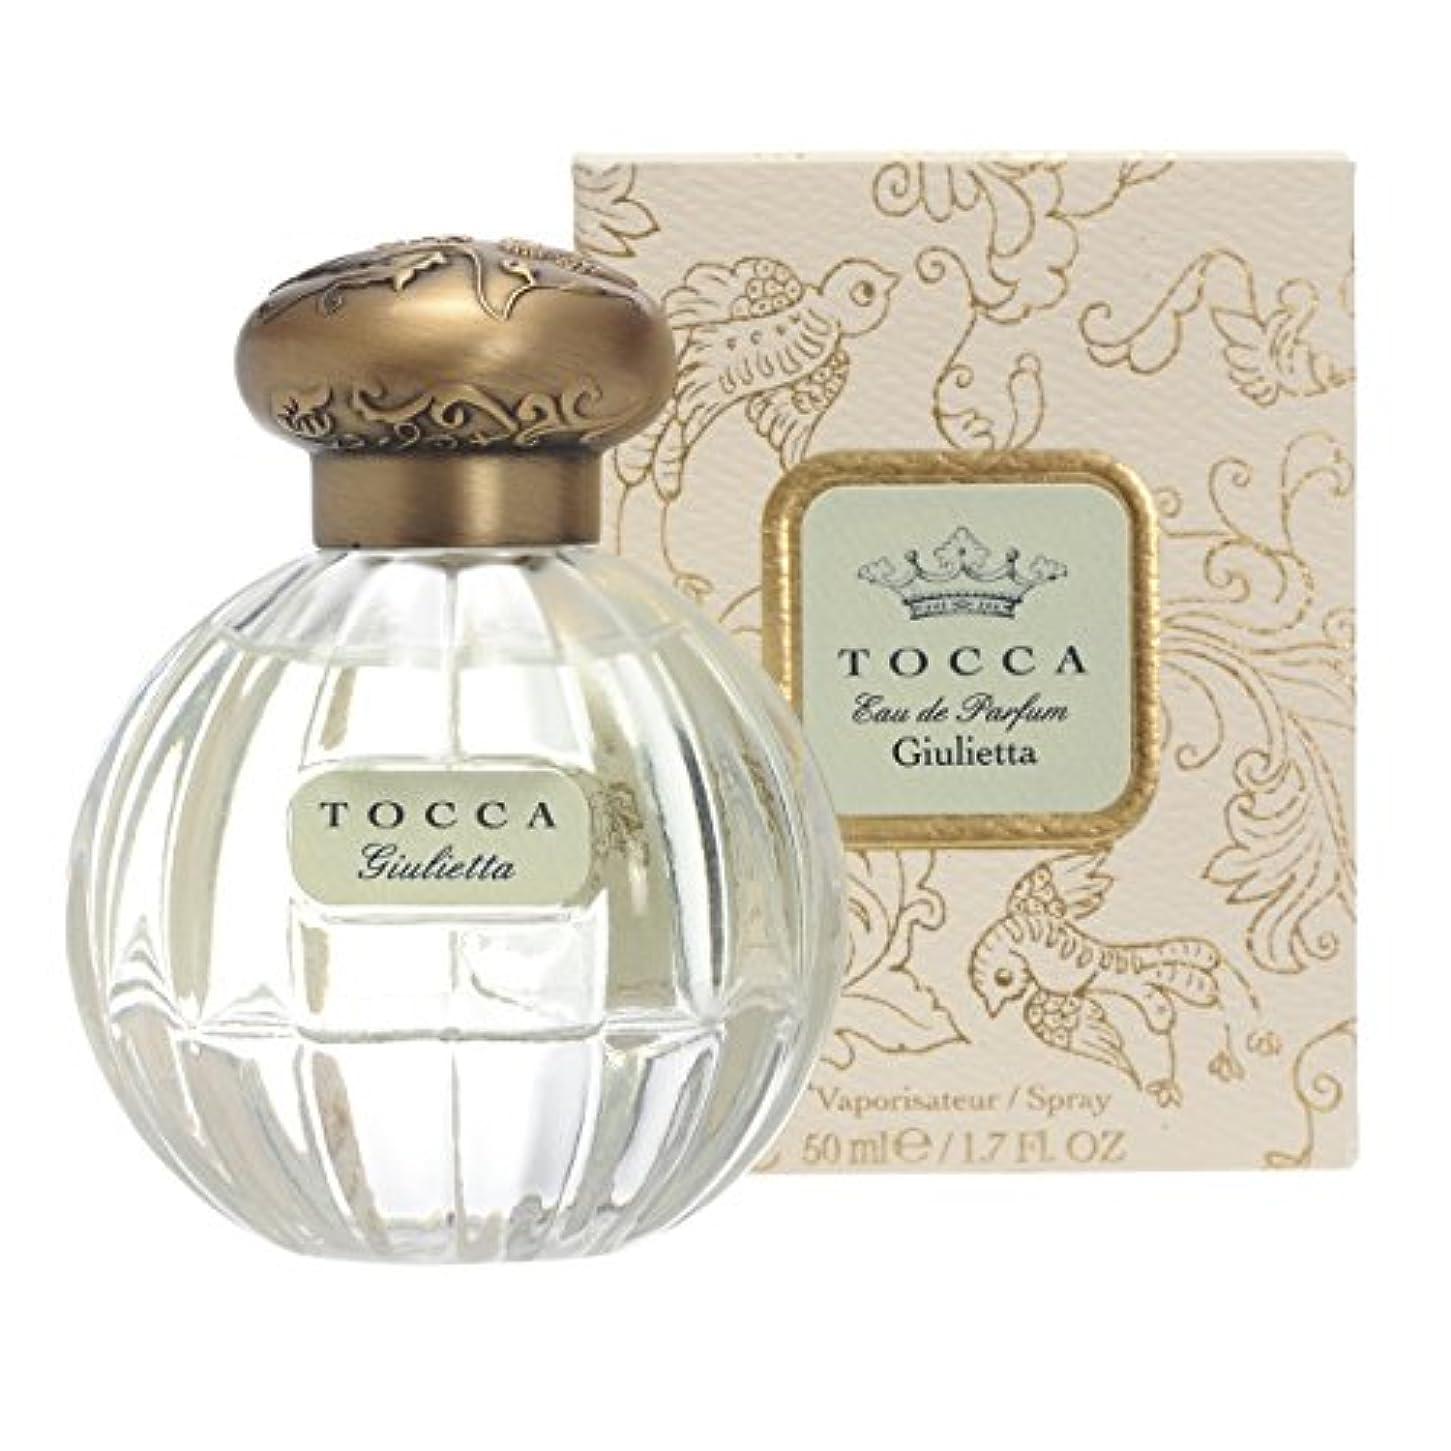 と闘うエロチック期限トッカ(TOCCA) オードパルファム ジュリエッタの香り 50ml(香水 映画監督と女優である妻とのラブストーリーを描く、グリーンアップルとチューリップの甘く優美な香り)